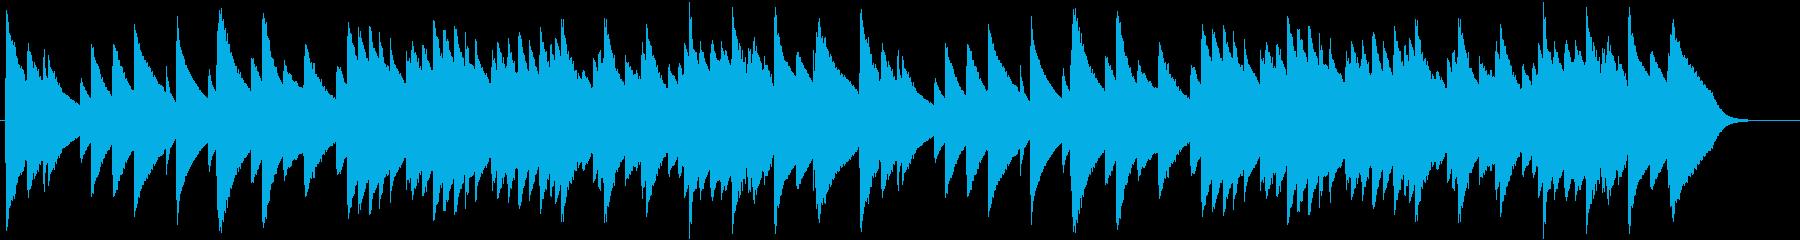 「もろびとこぞりて」オルゴール2の再生済みの波形